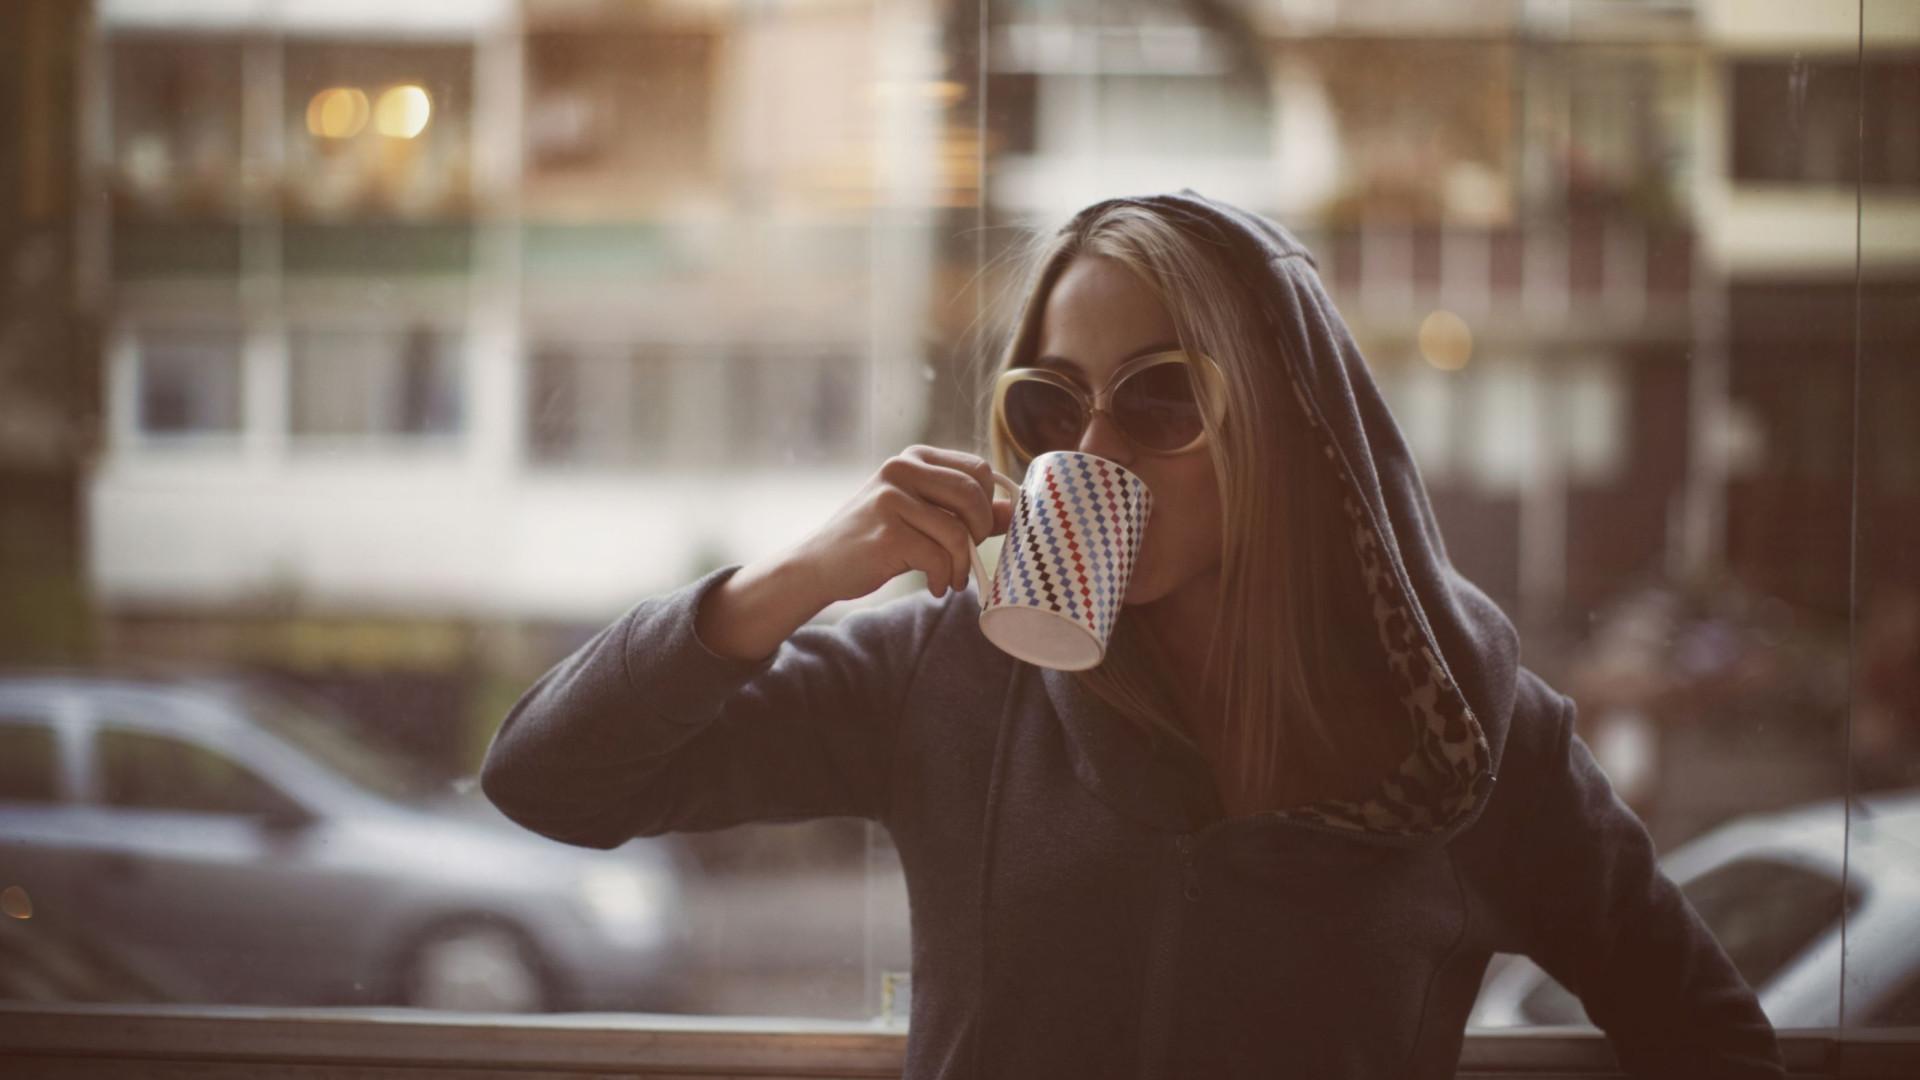 Mito ou facto: Será que beber café o deixa sóbrio e cura a ressaca?